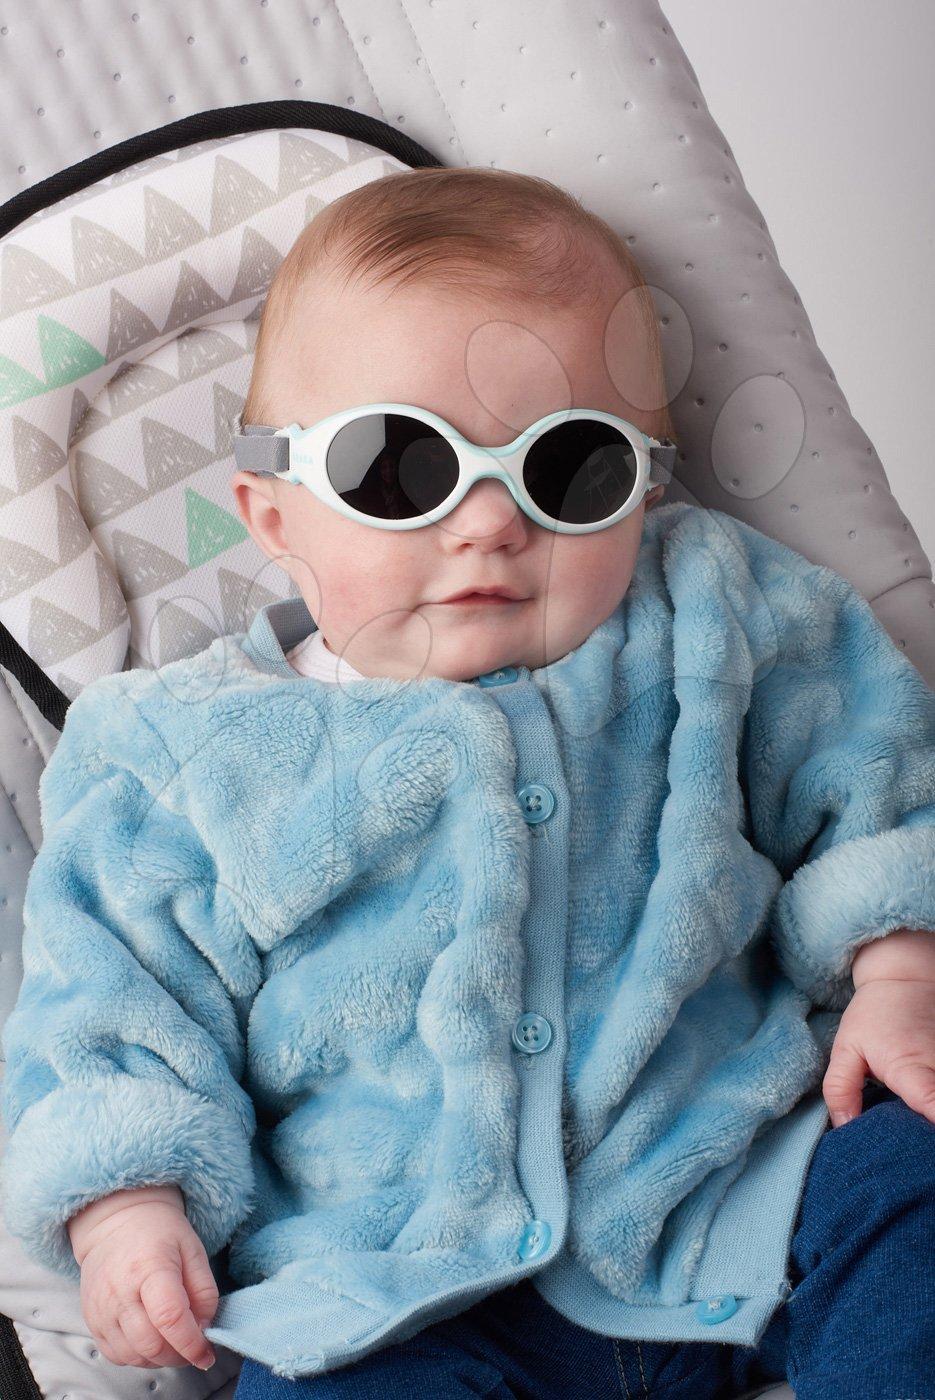 ... UV szűrő 4 zöld 3 hó-tól. 930256 b beaba strap sunglasses. A teljes  élmény érdekében dd01de43c8